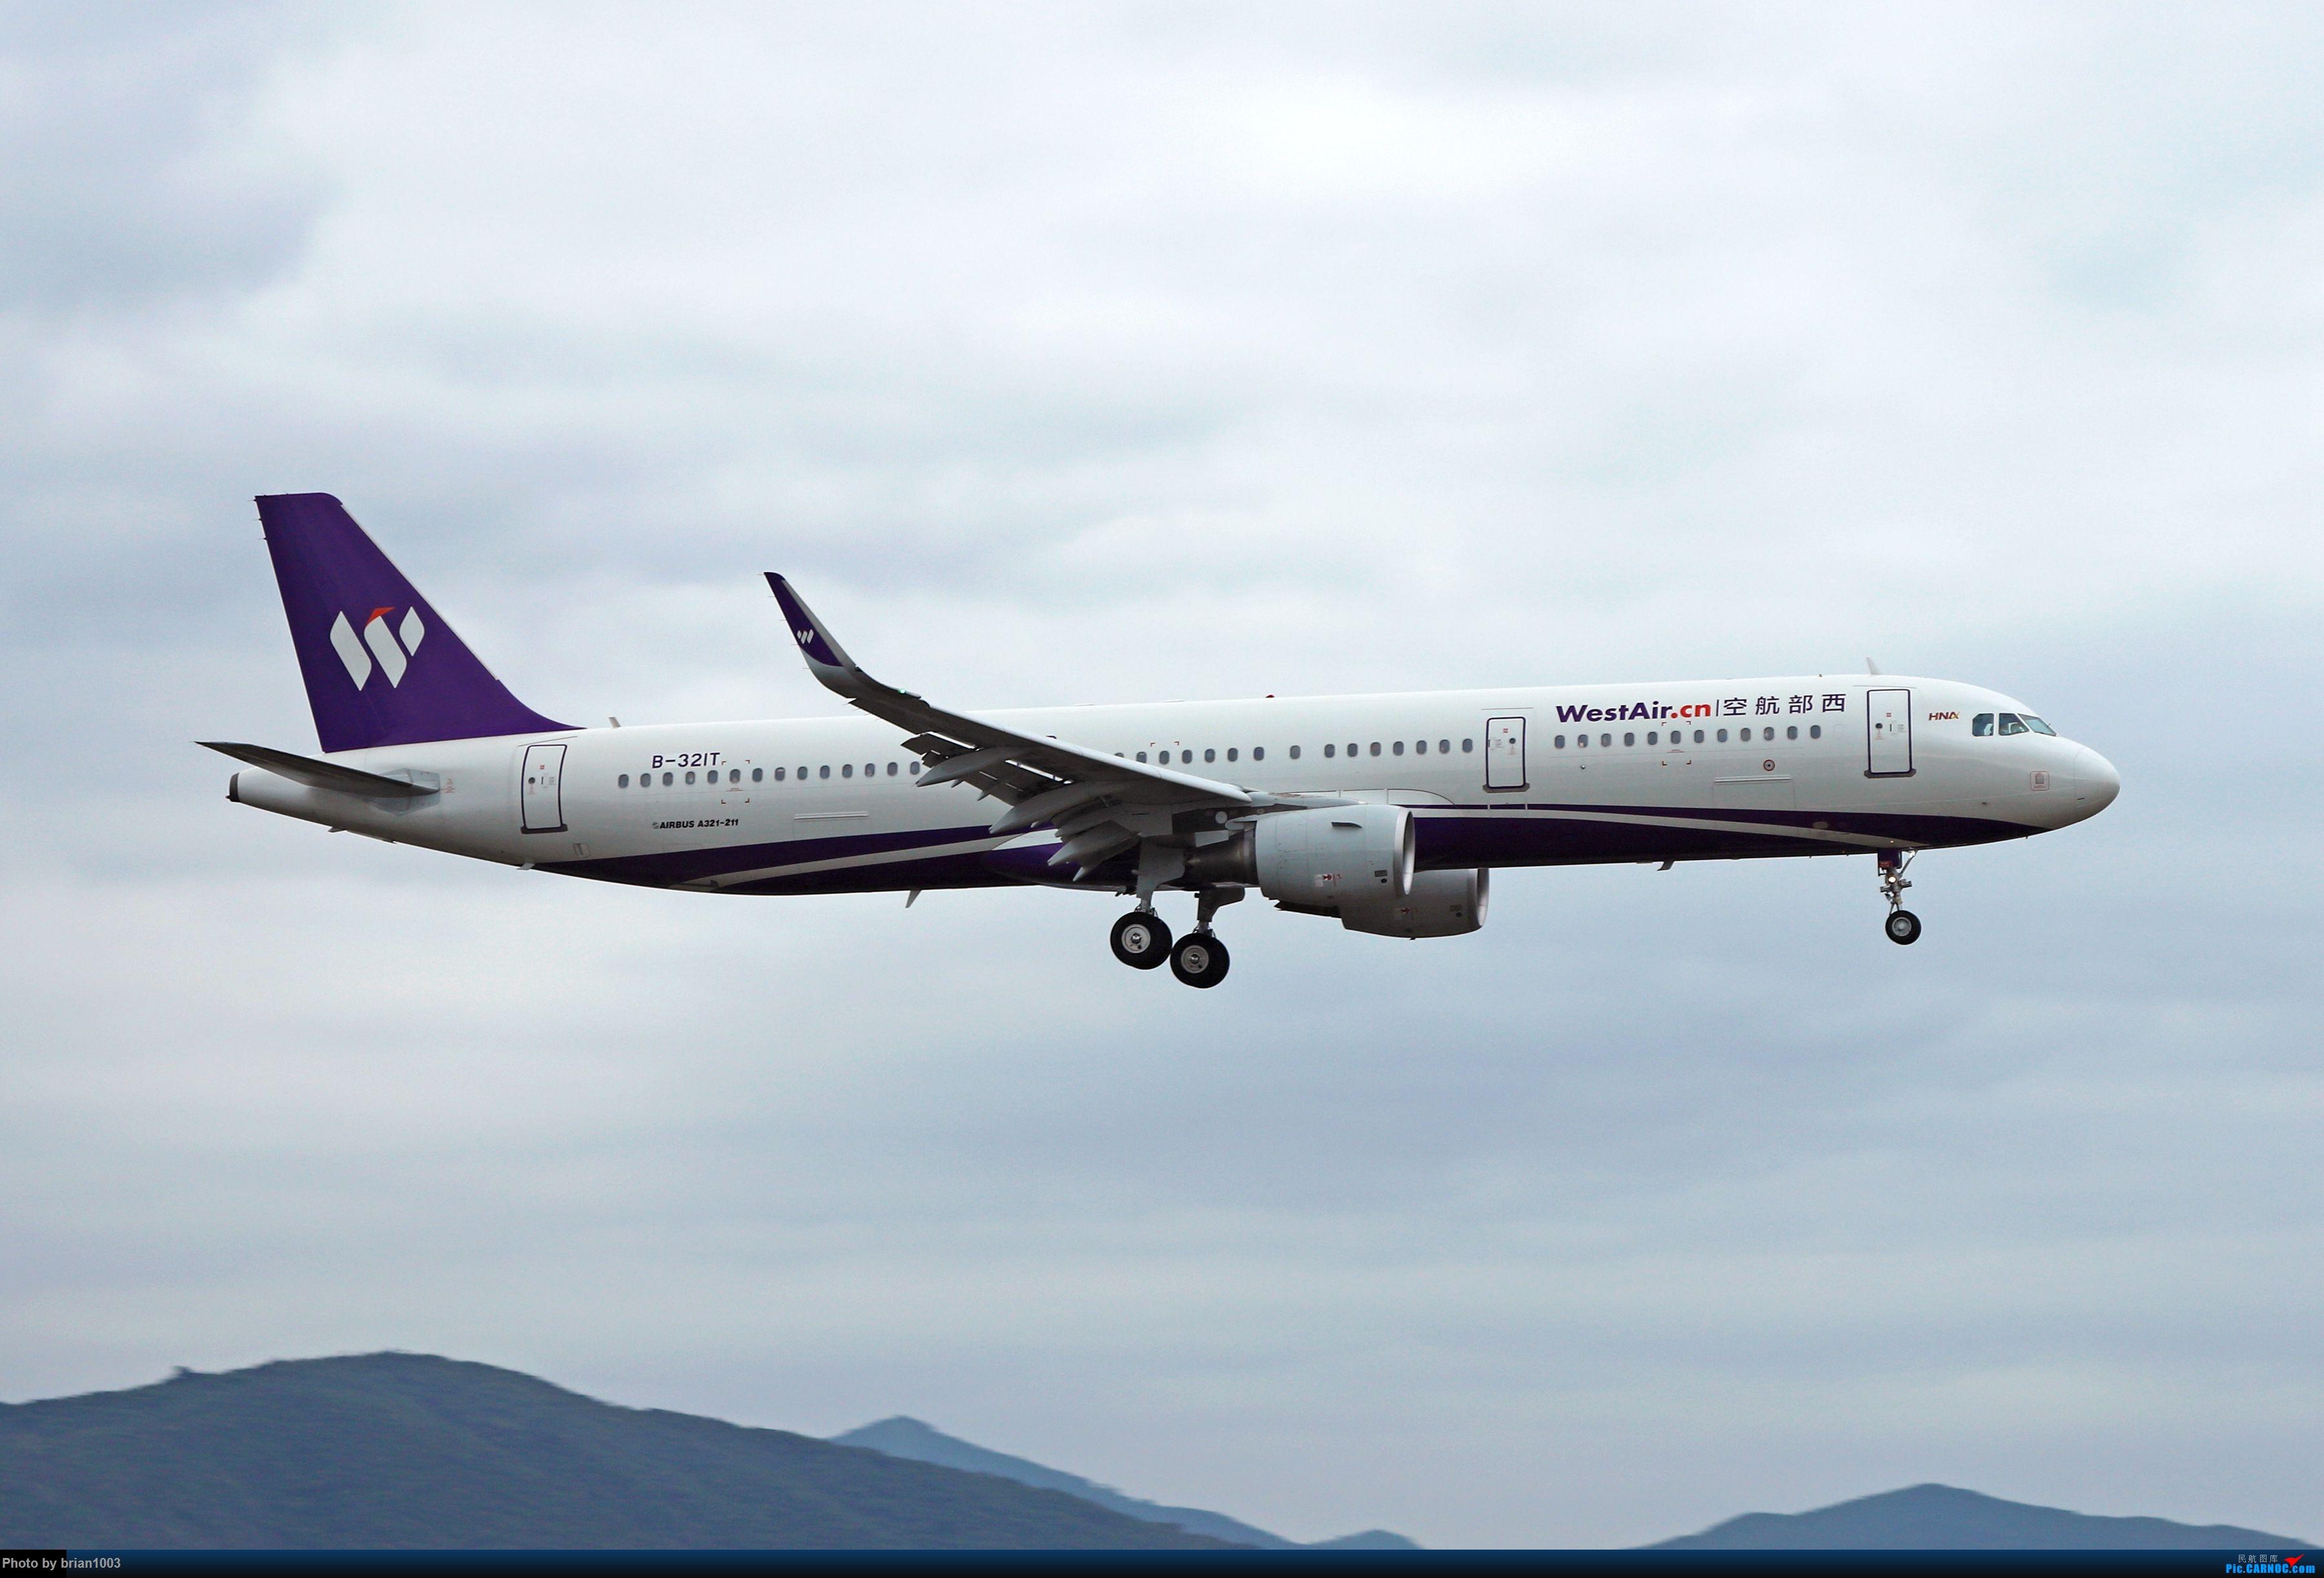 Re:[原创]CZ3347-CZ6734-HU7659,忙里偷闲的三亚拍机之行 AIRBUS A321 B-321T 中国三亚凤凰国际机场